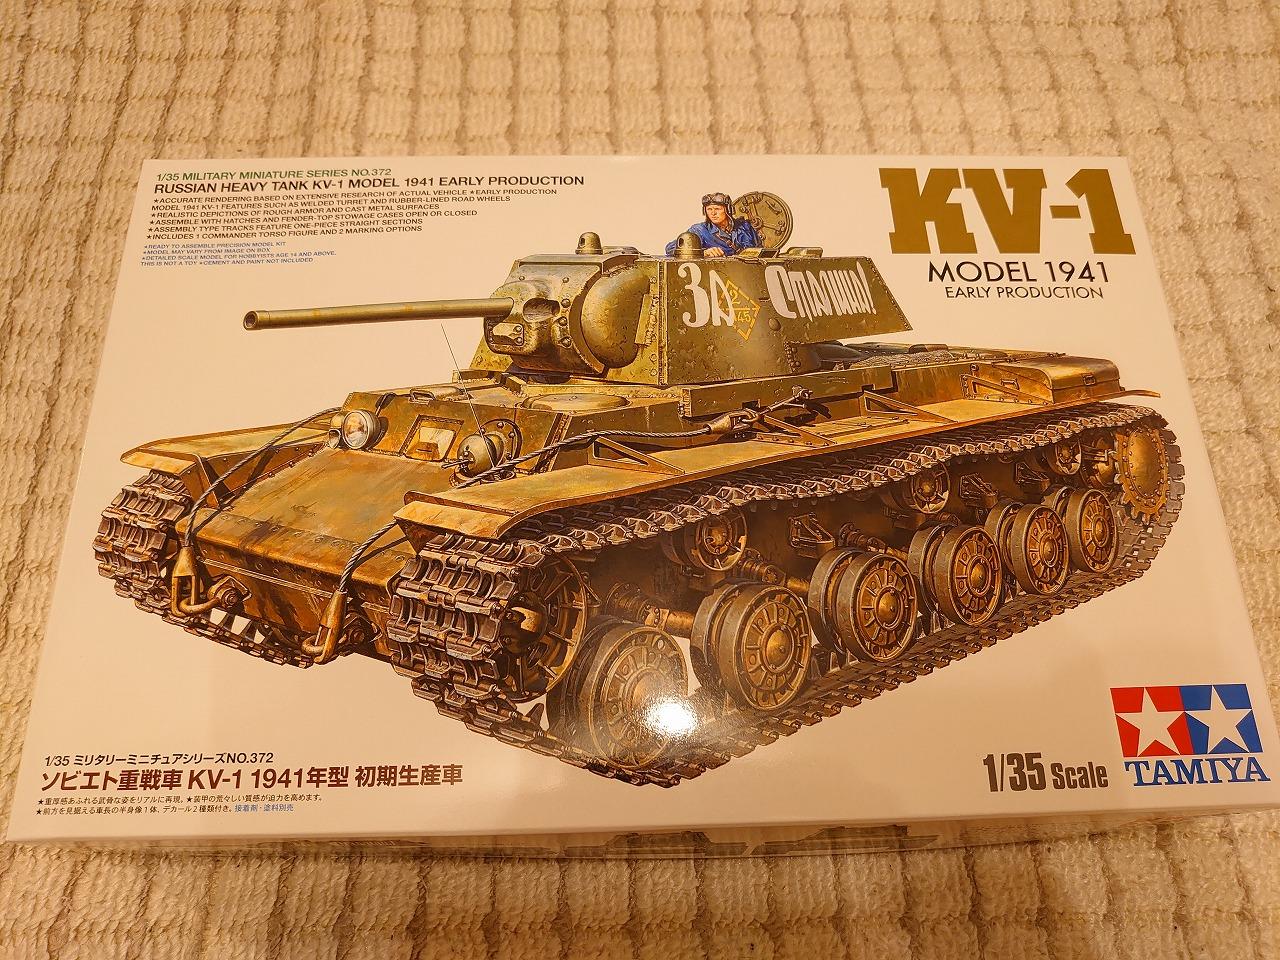 【最近購入した物】タミヤ 1/35 ソビエト重戦車 KV-1 1941年型 初期生産車